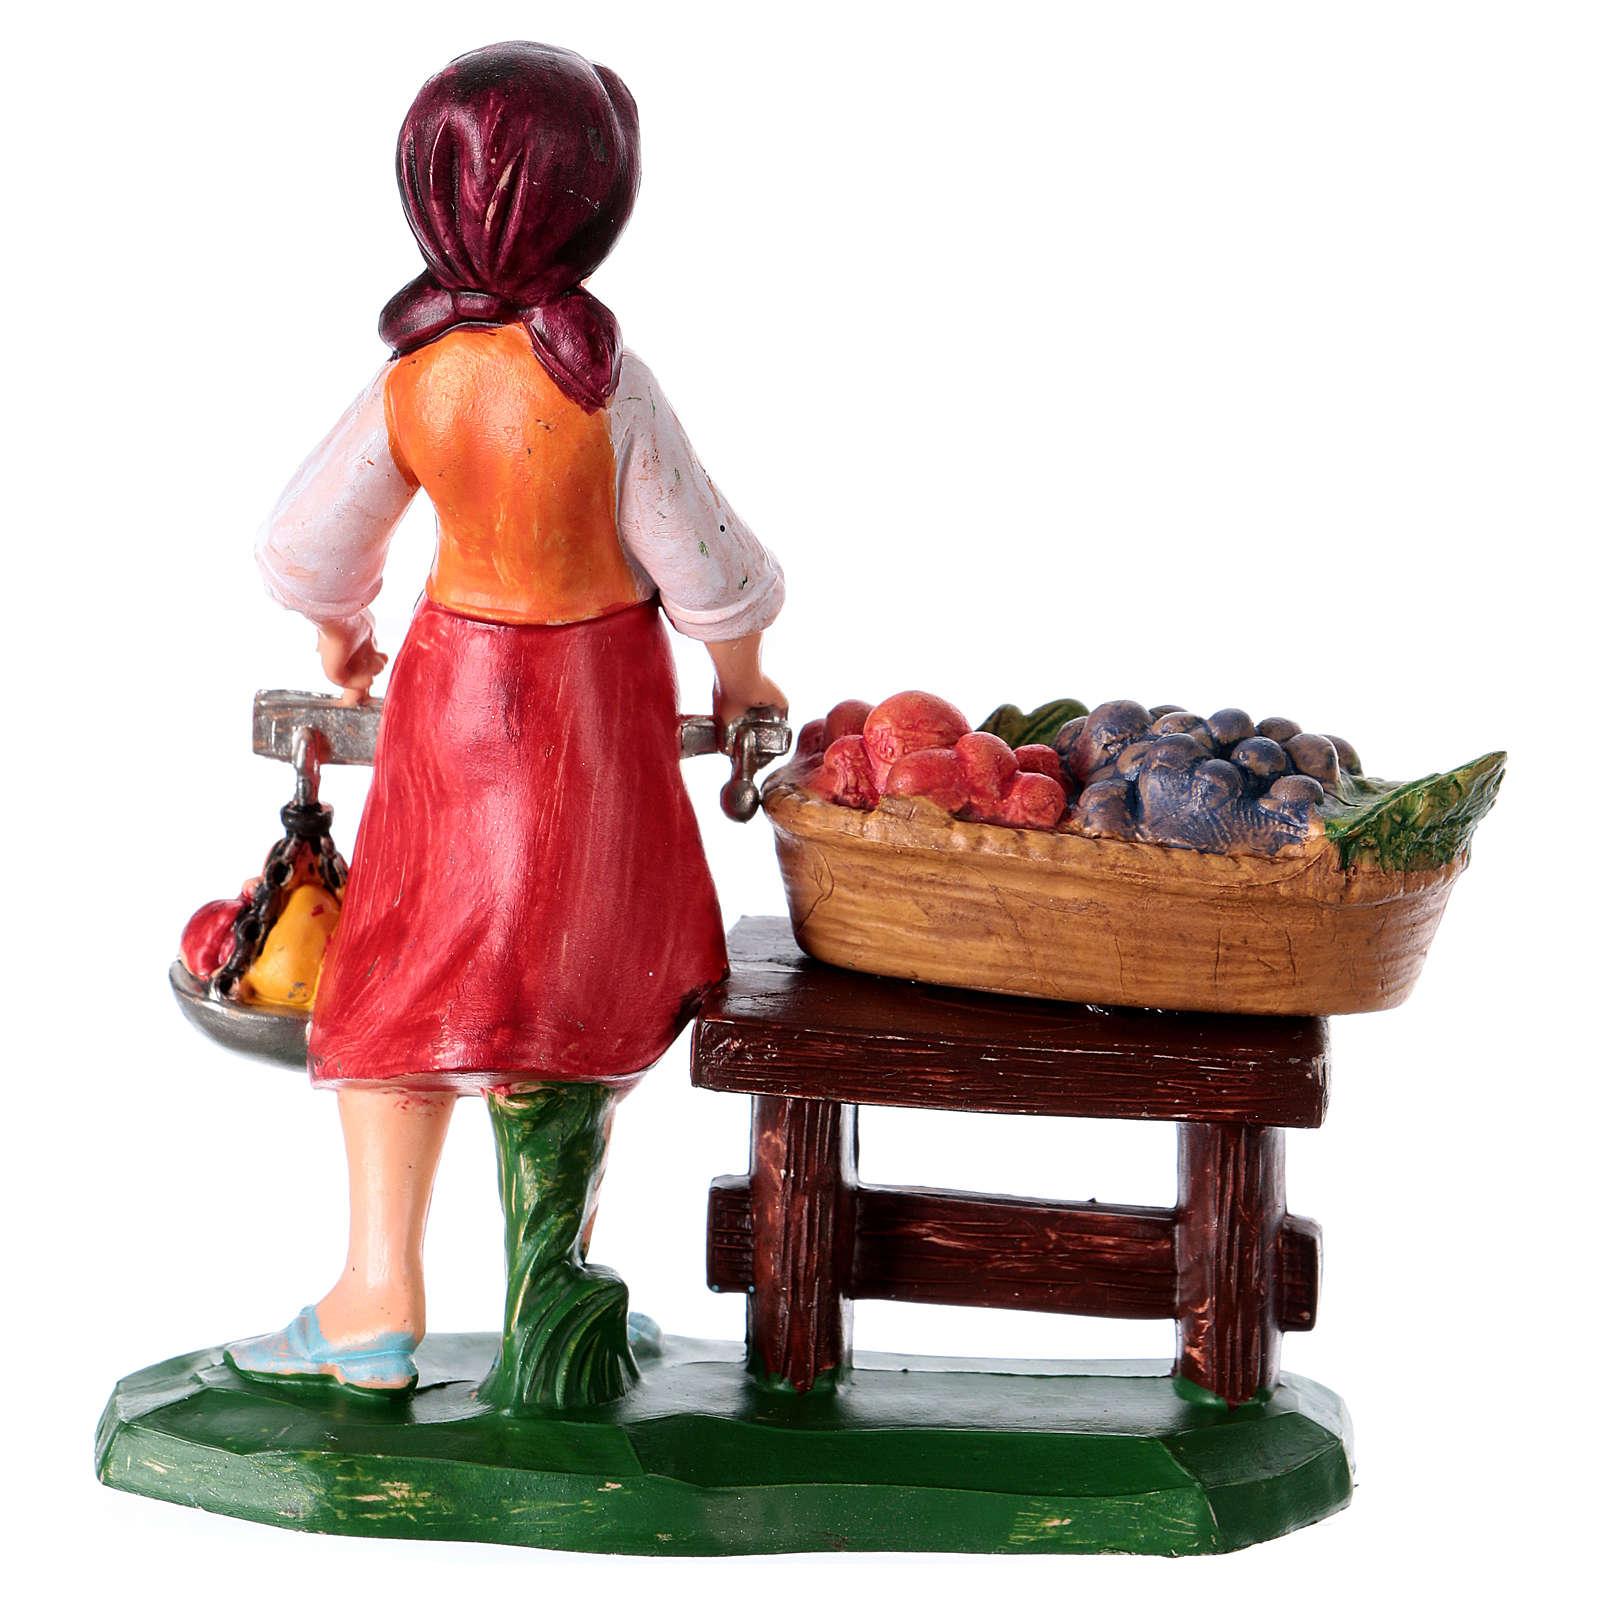 Statua Donna fruttivendola 10 cm per presepe 3